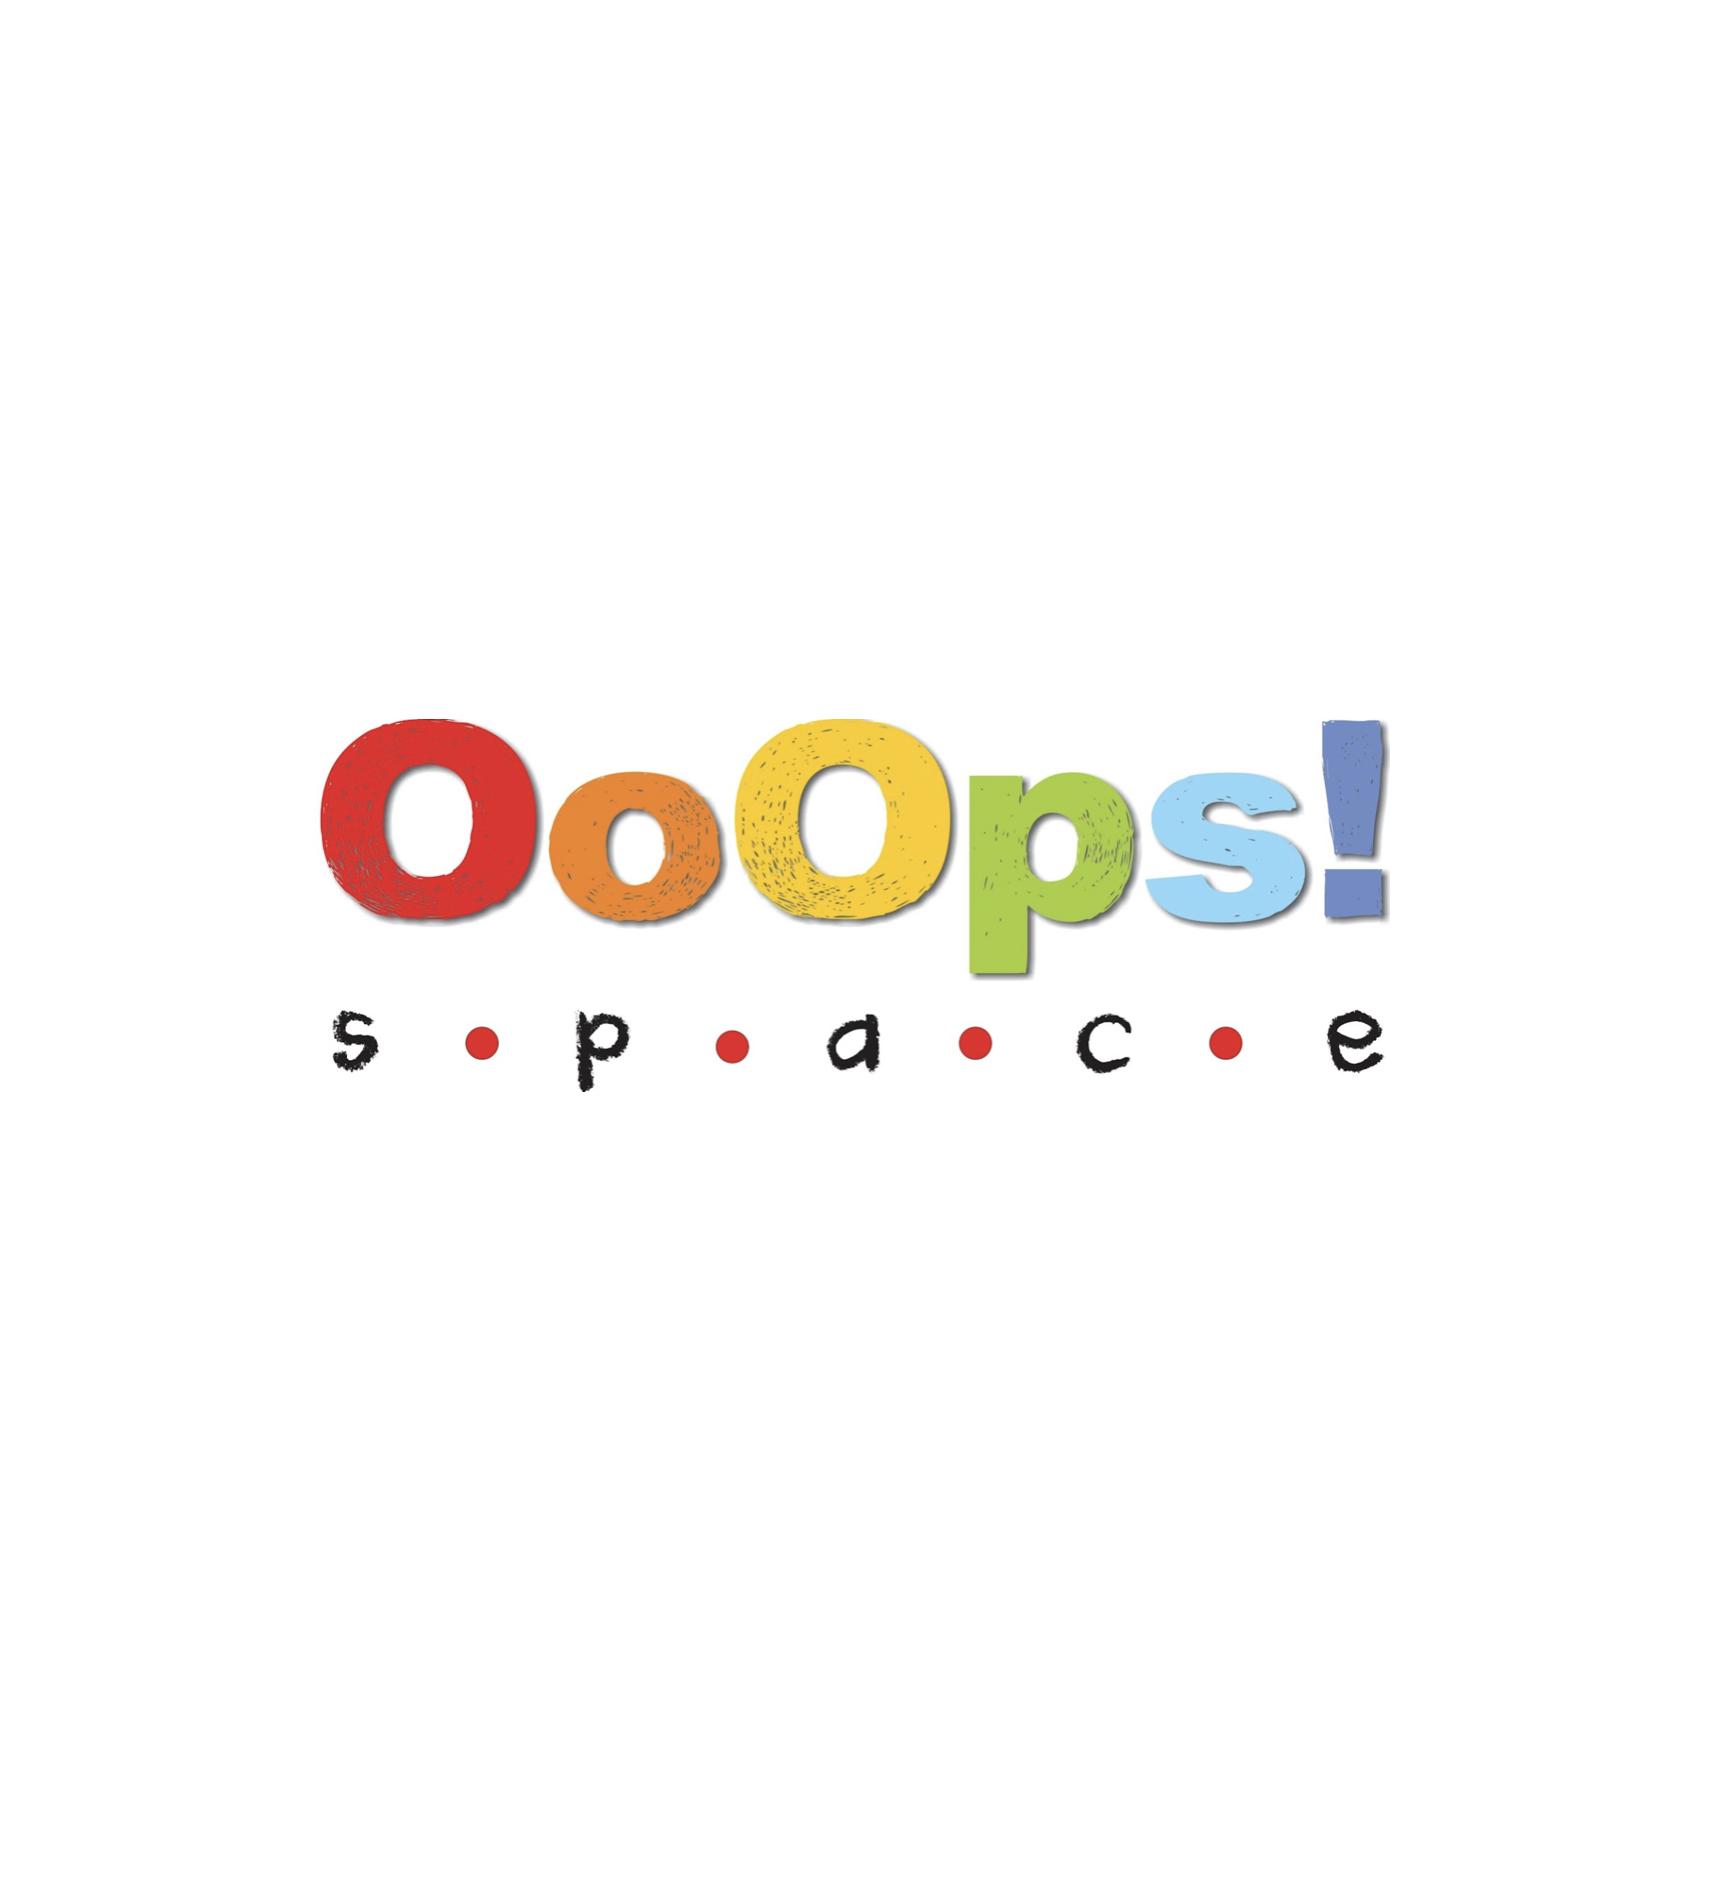 Ooops Space